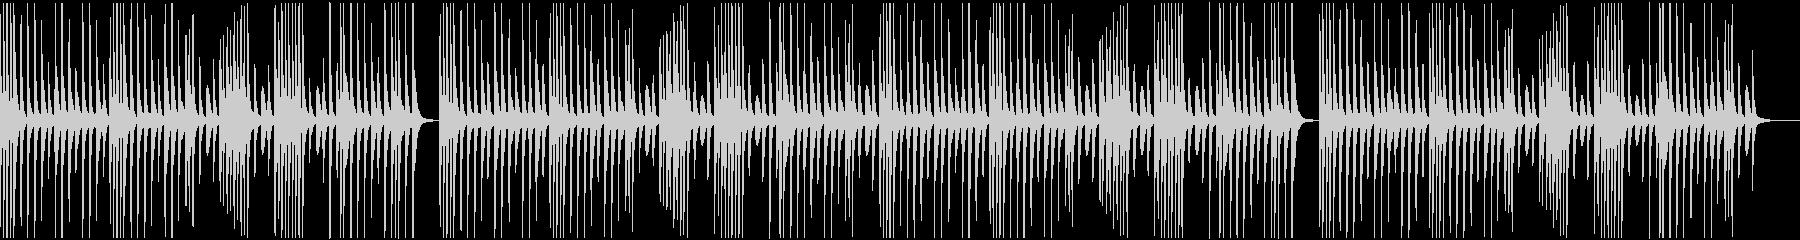 ほのぼのゆるめのマリンバBCMの未再生の波形